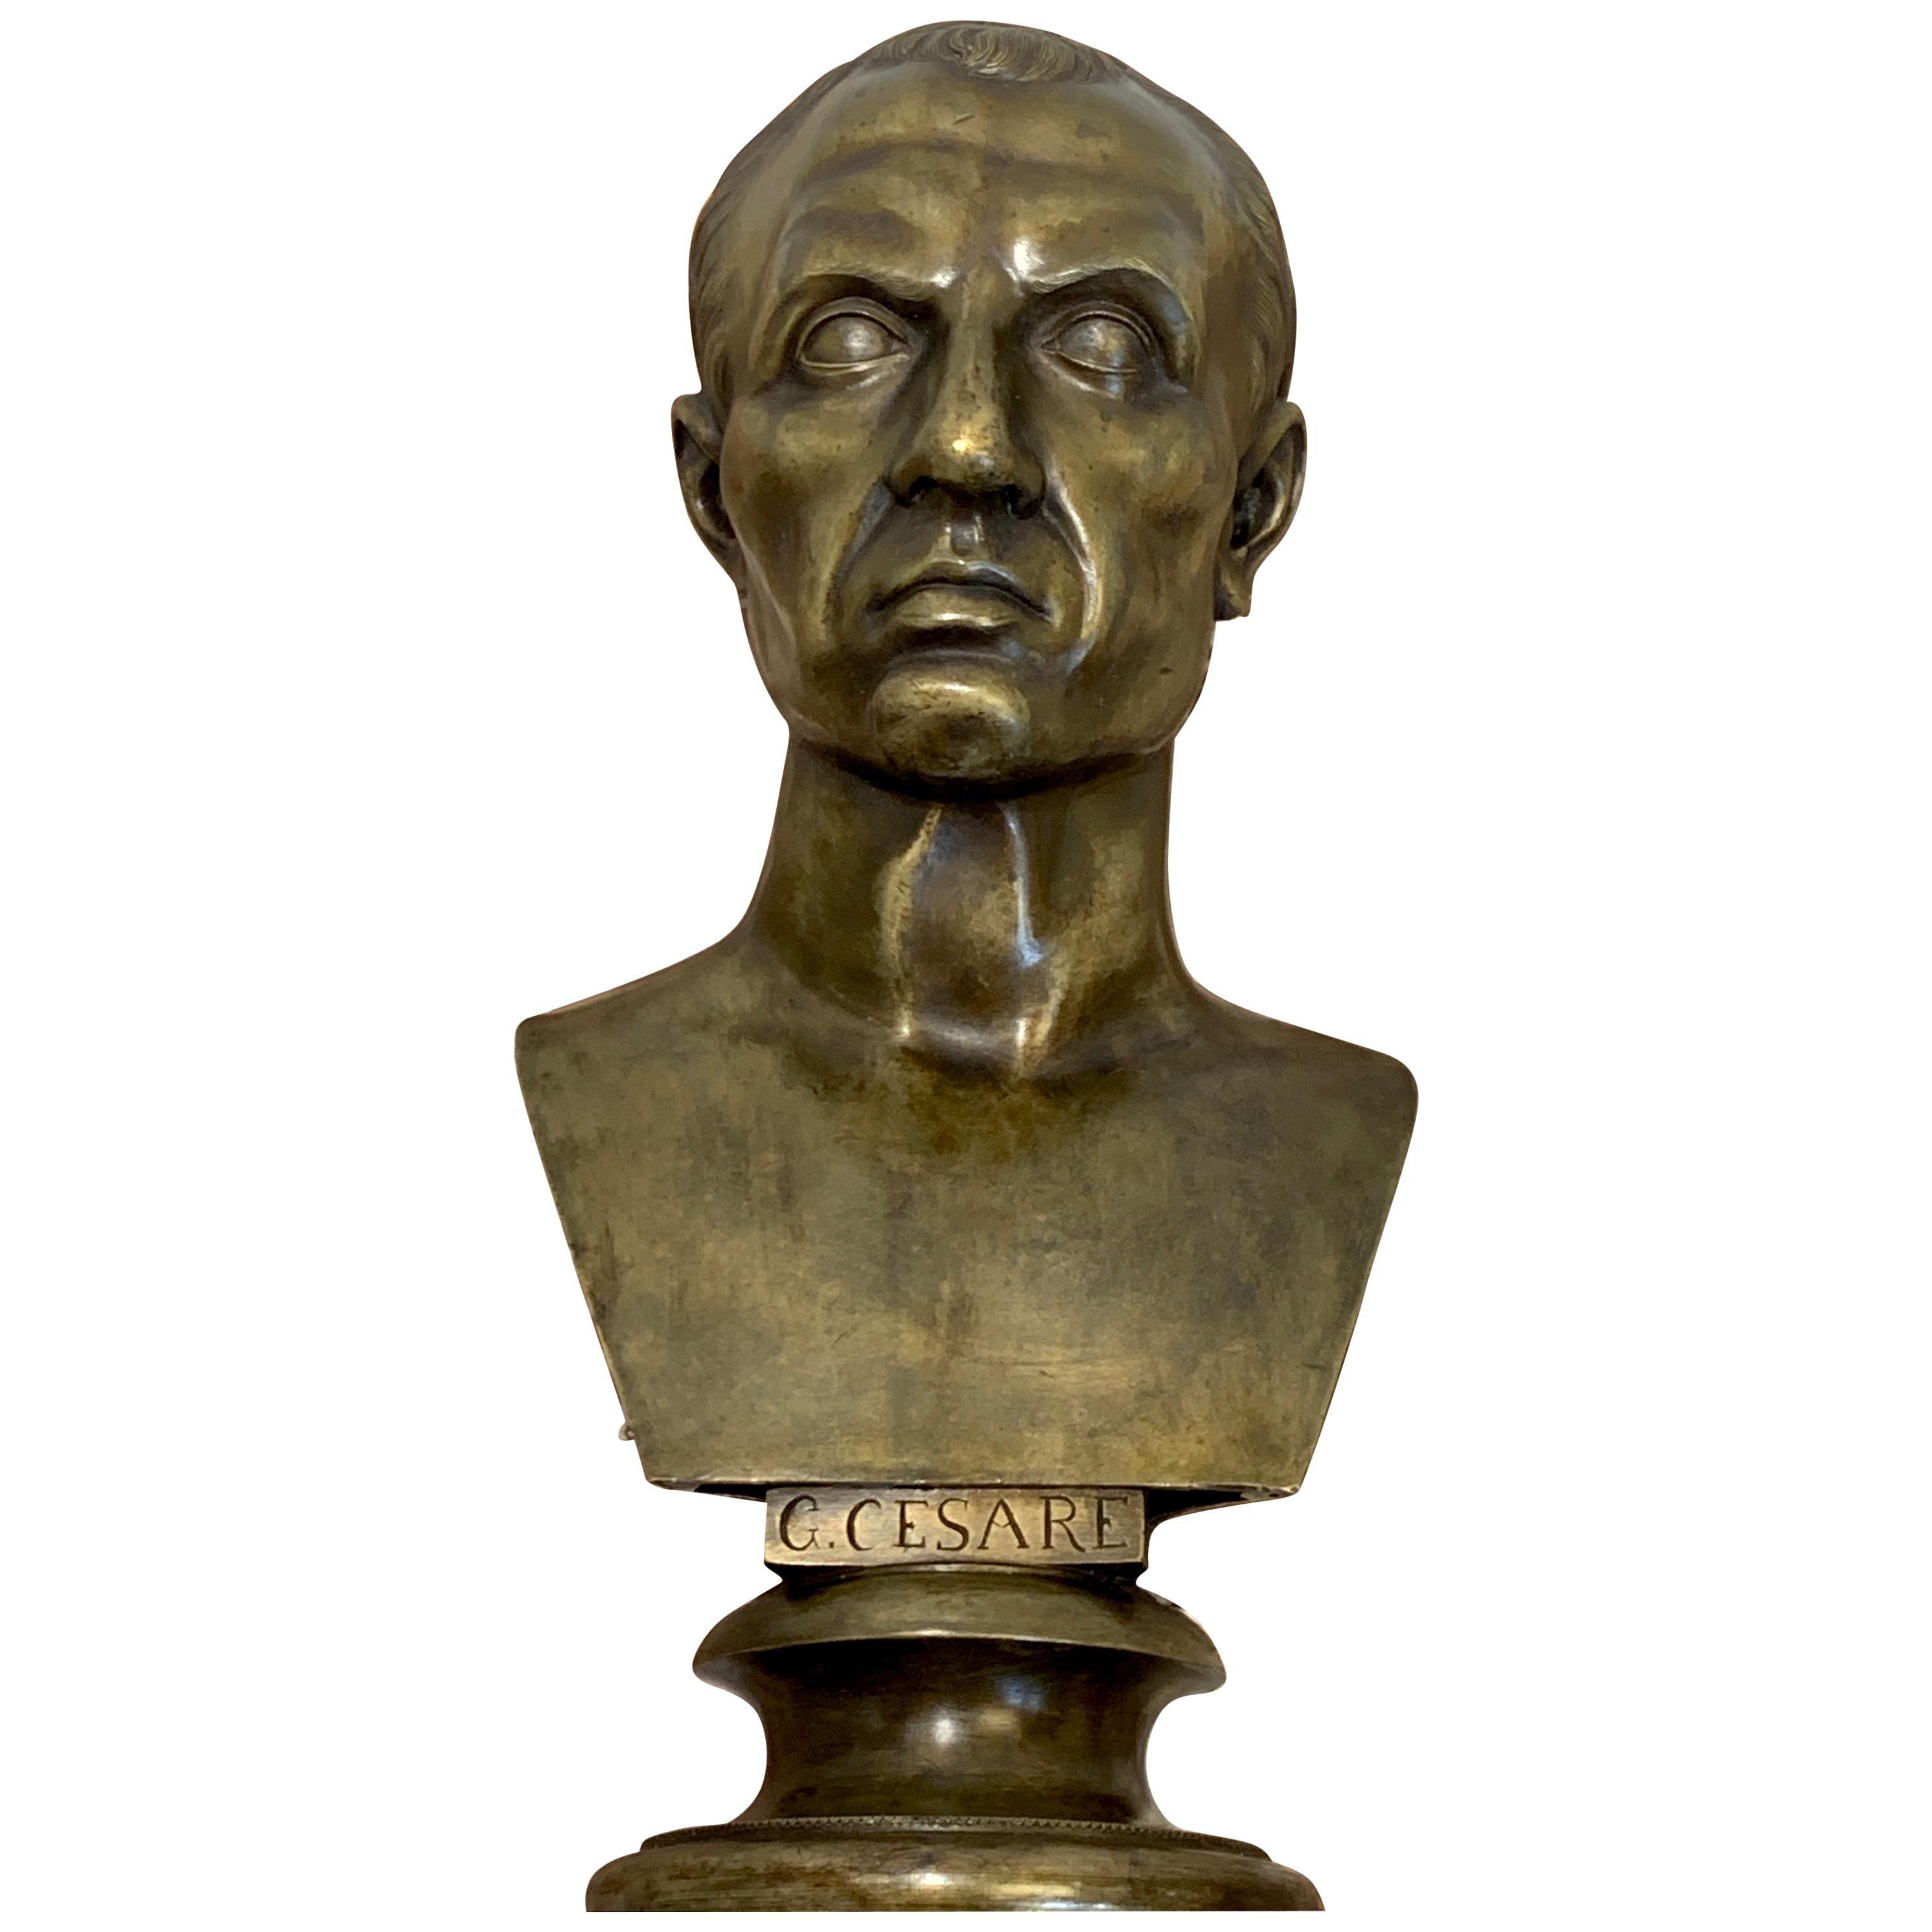 19th Century Grand Tour Bust of Gaius Julius Caesar, Roma Foundry